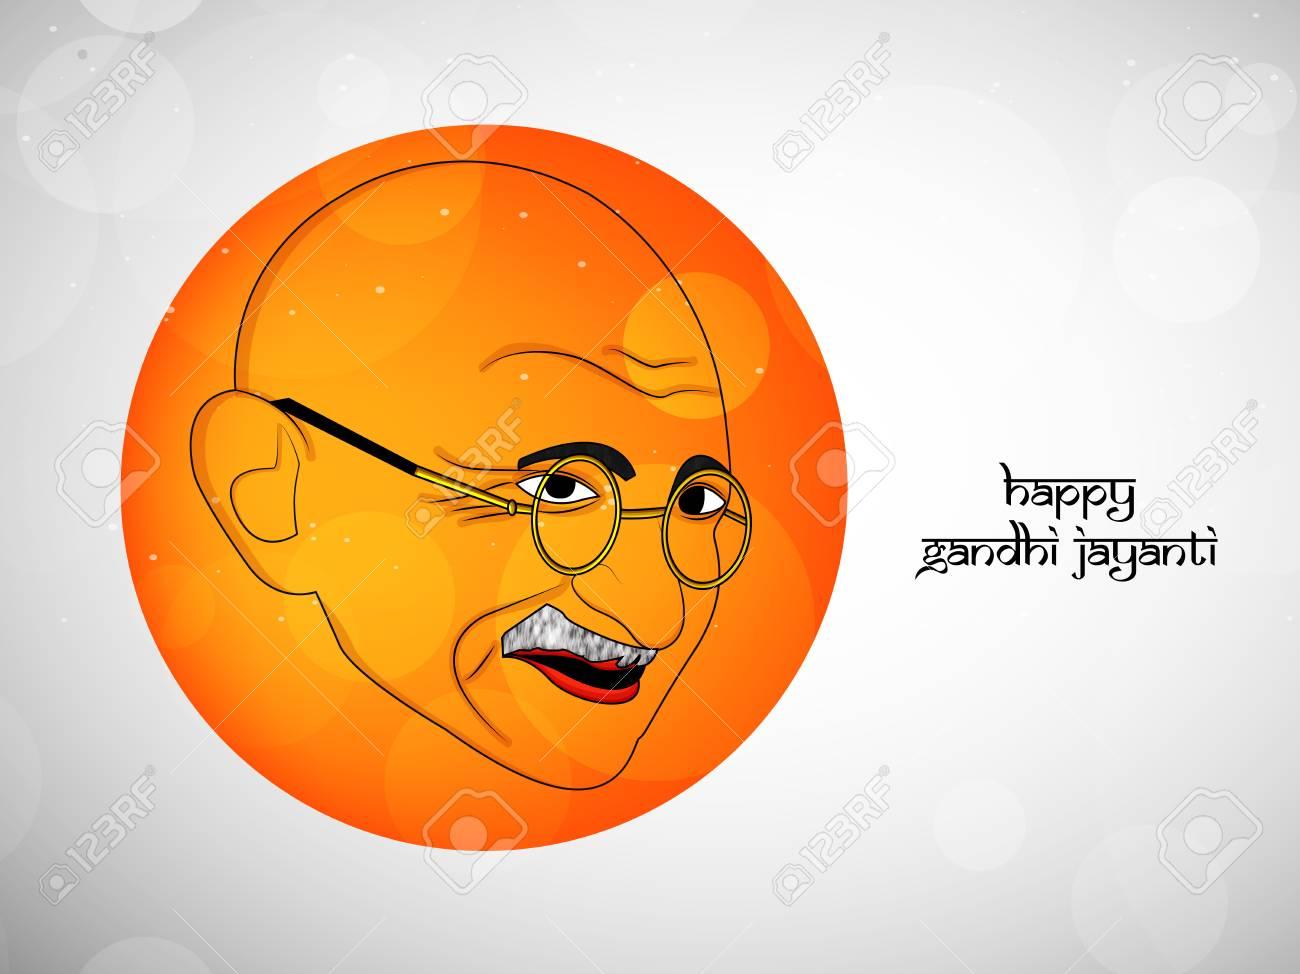 ガンジー Jayanti 背景の要素の図のイラスト素材ベクタ Image 85977935